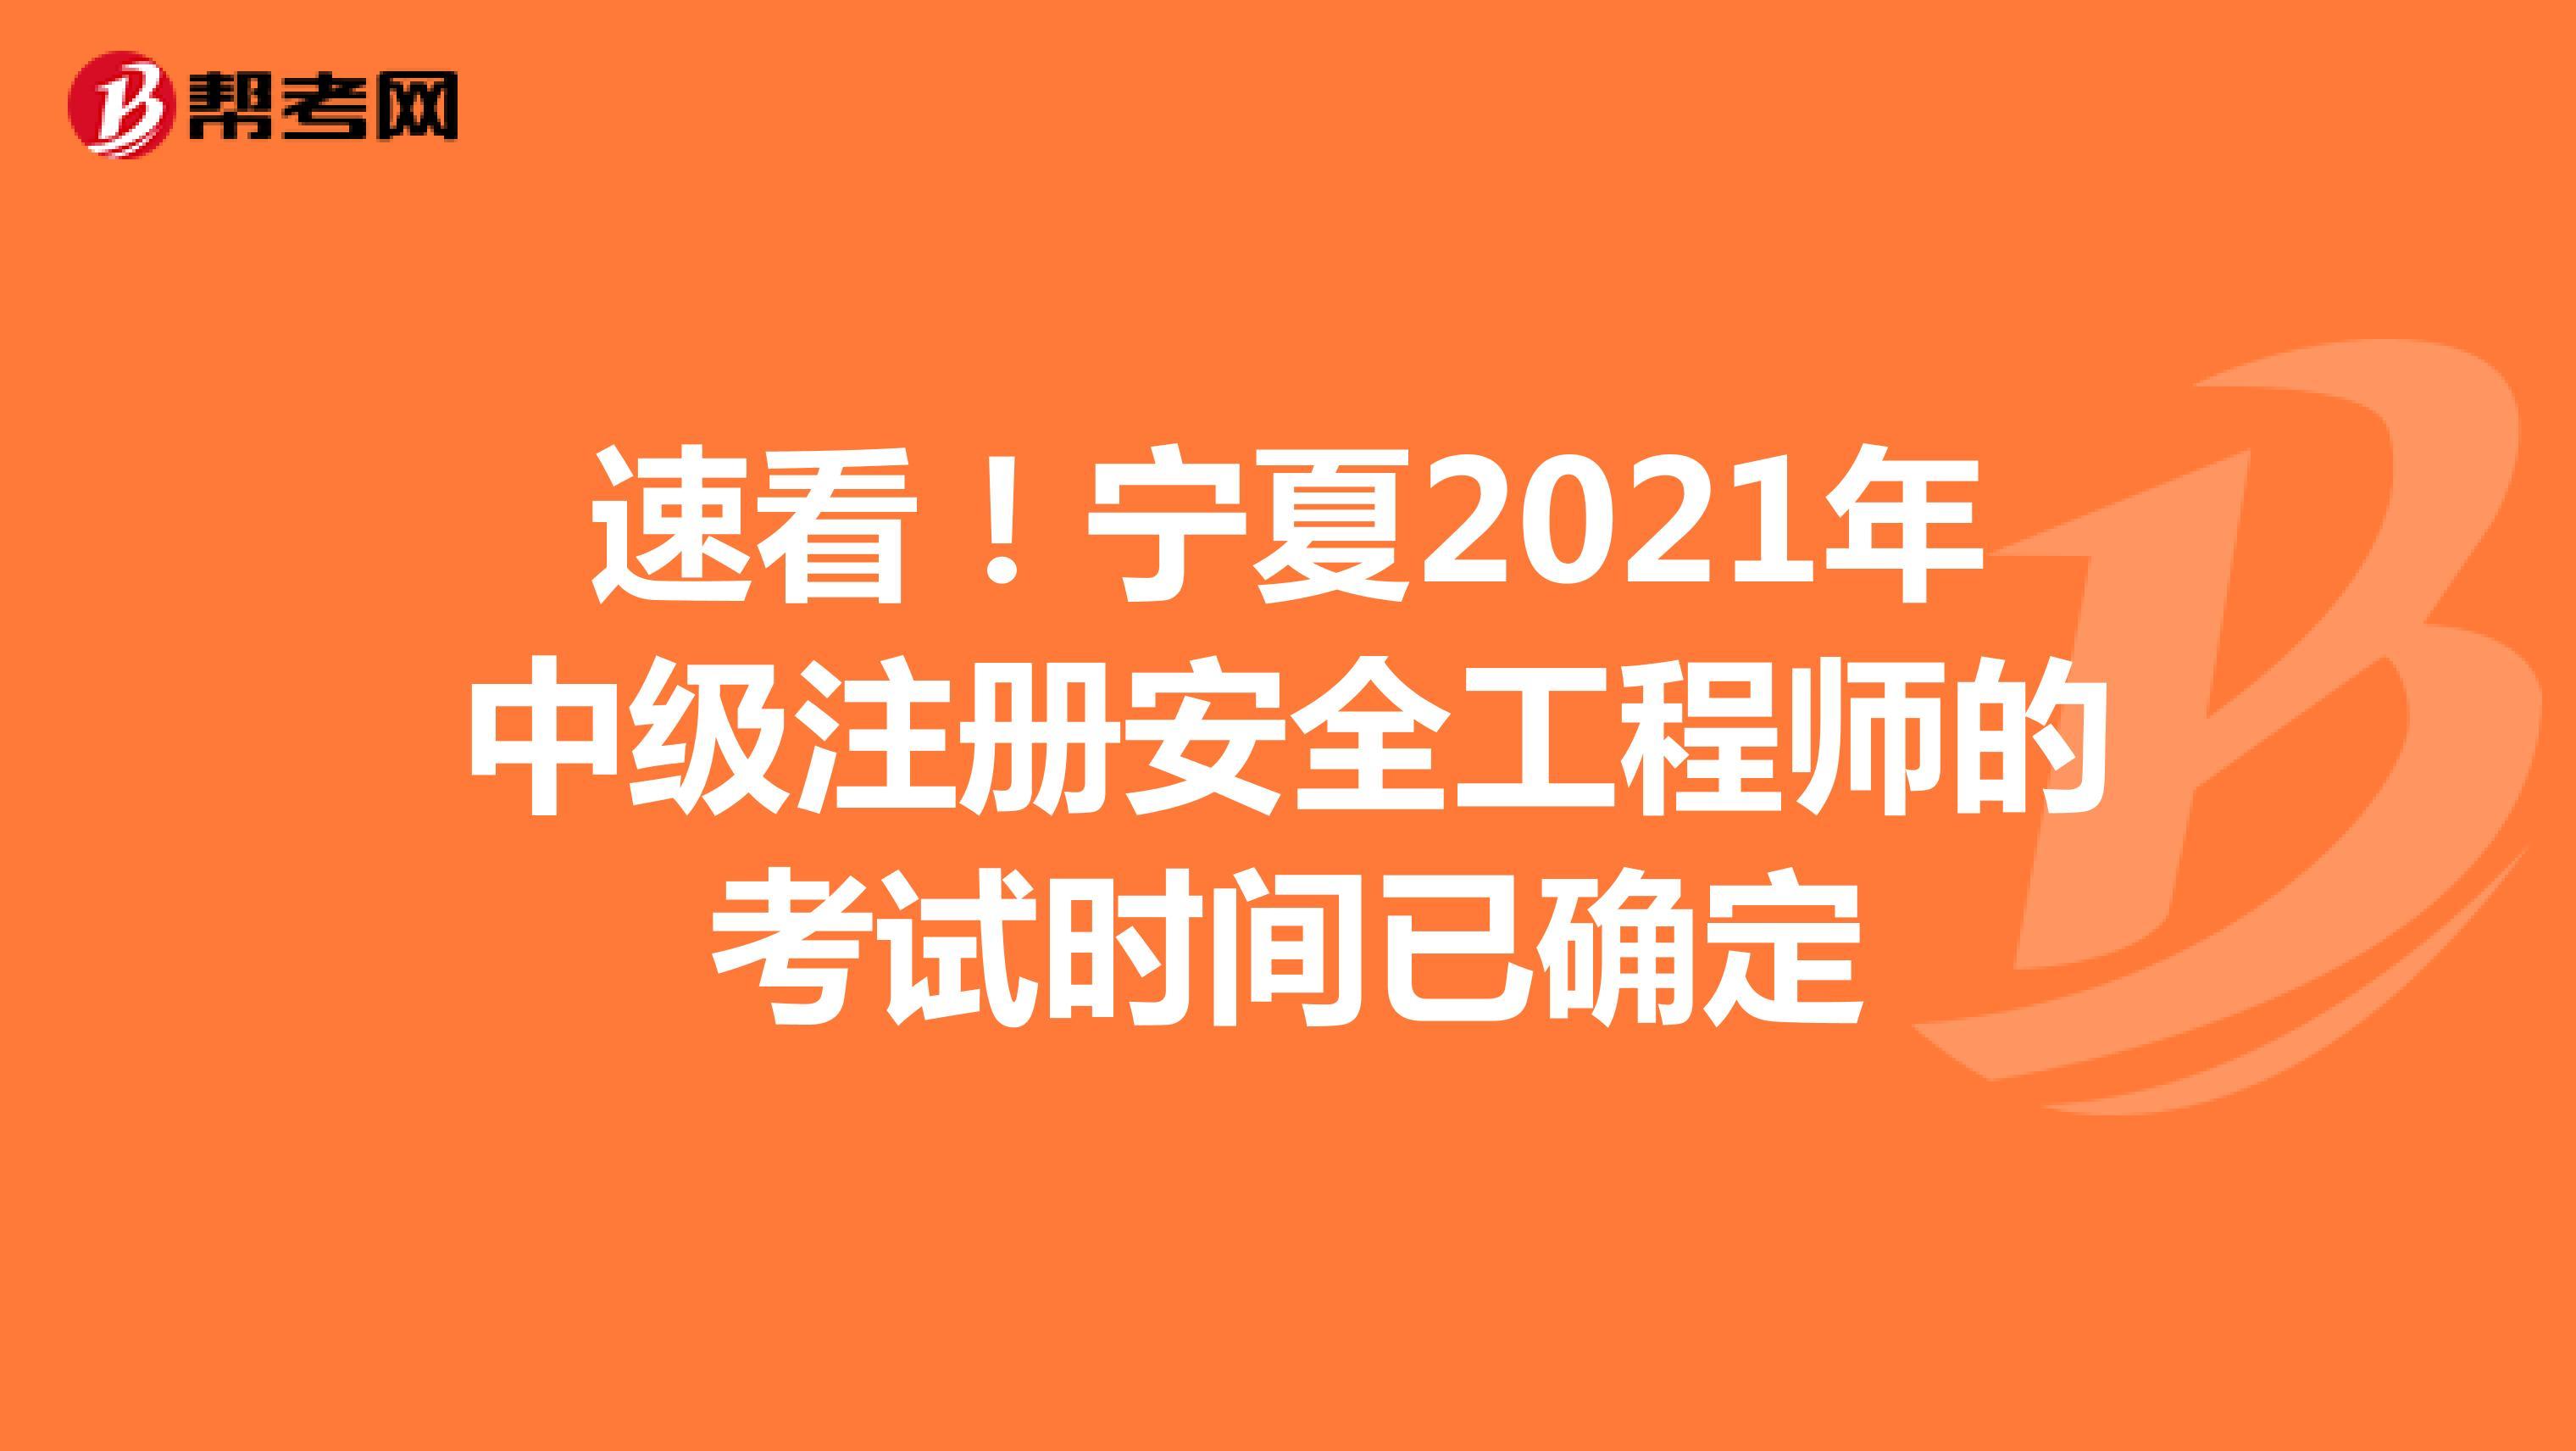 速看!宁夏2021年中级注册安全工程师的考试时间已确定